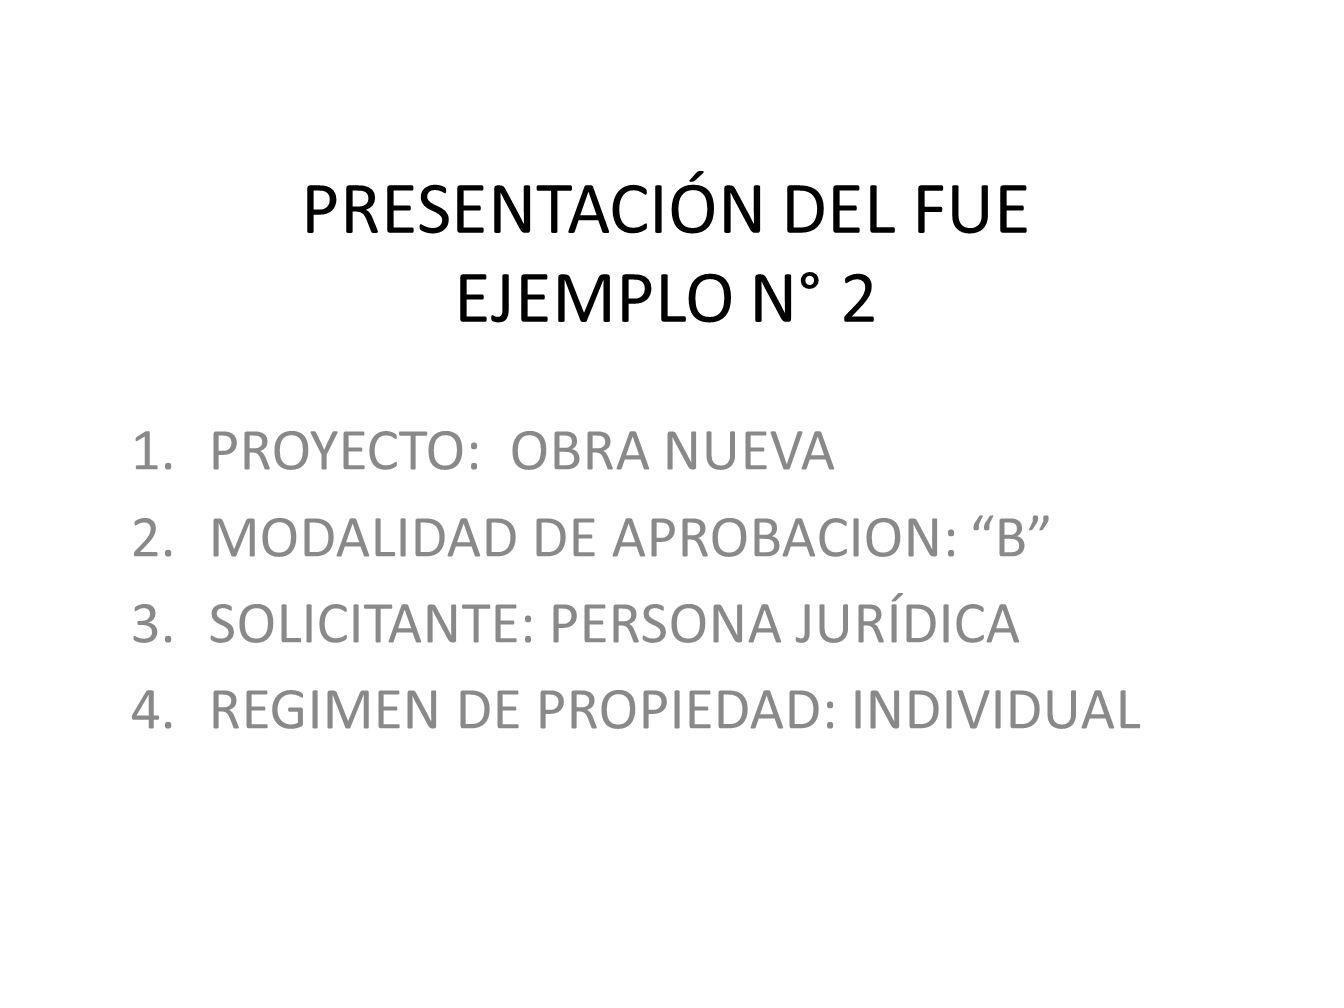 PRESENTACIÓN DEL FUE EJEMPLO N° 2